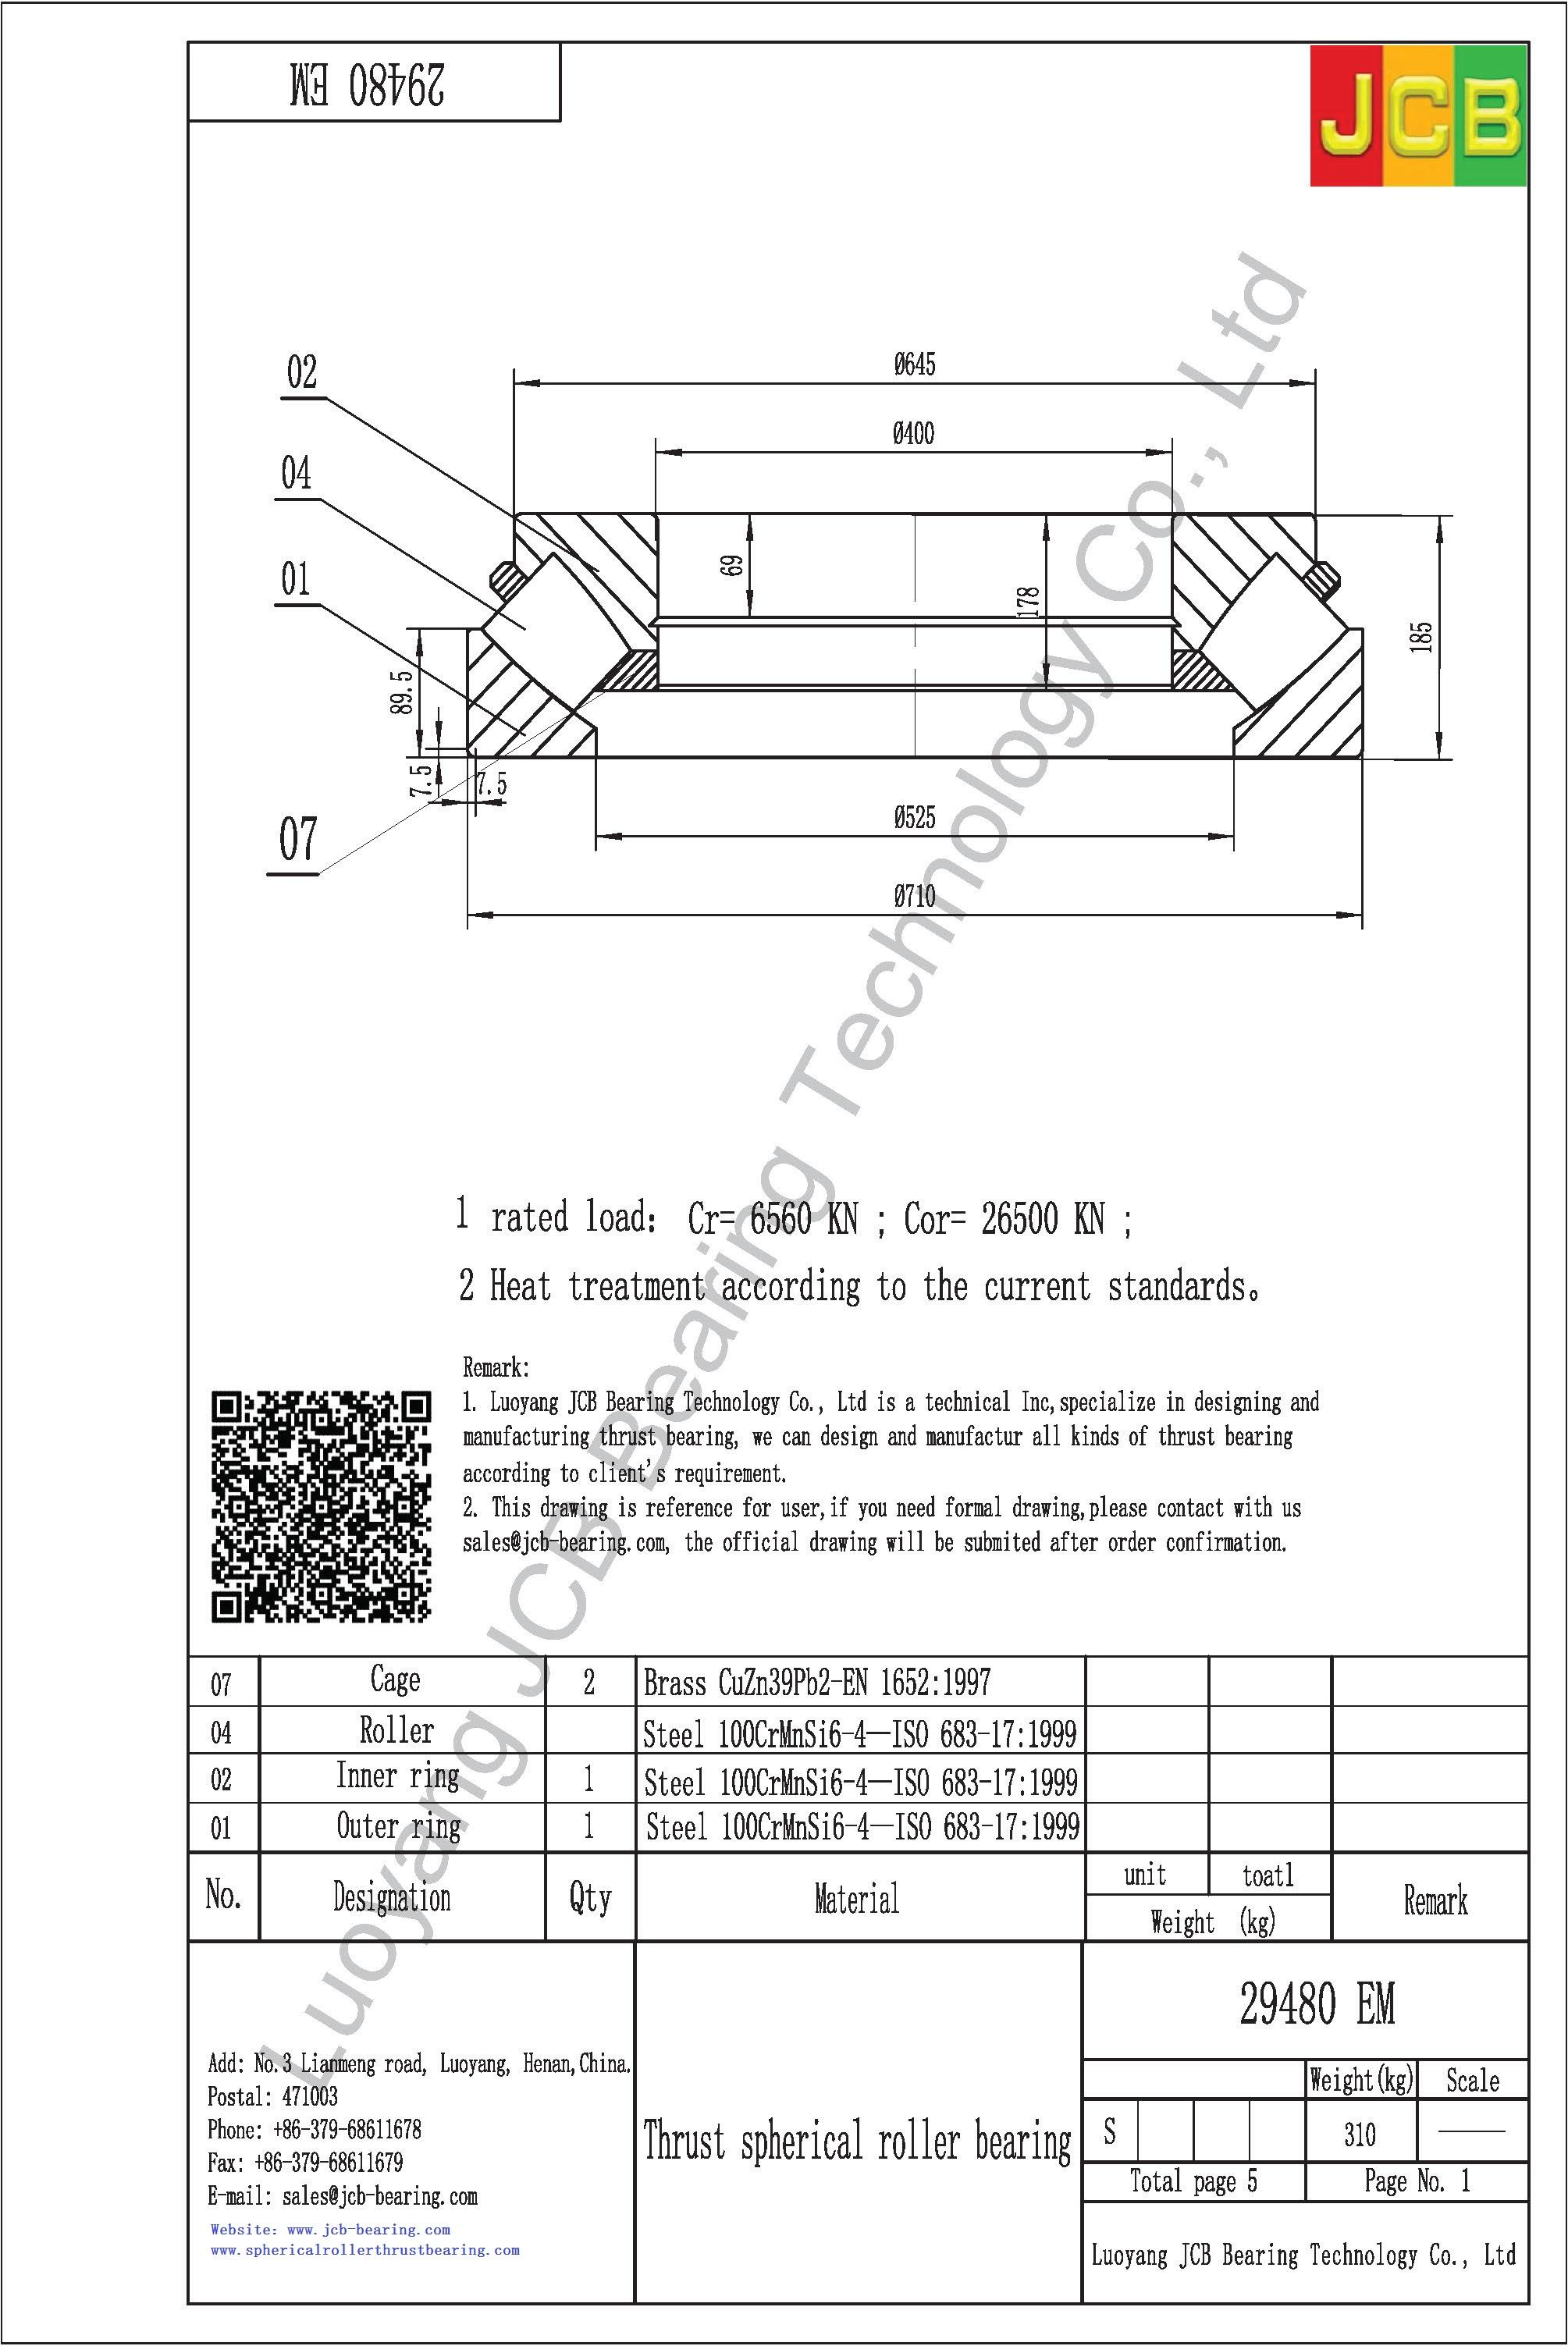 29480EM spherical roller thrust bearing